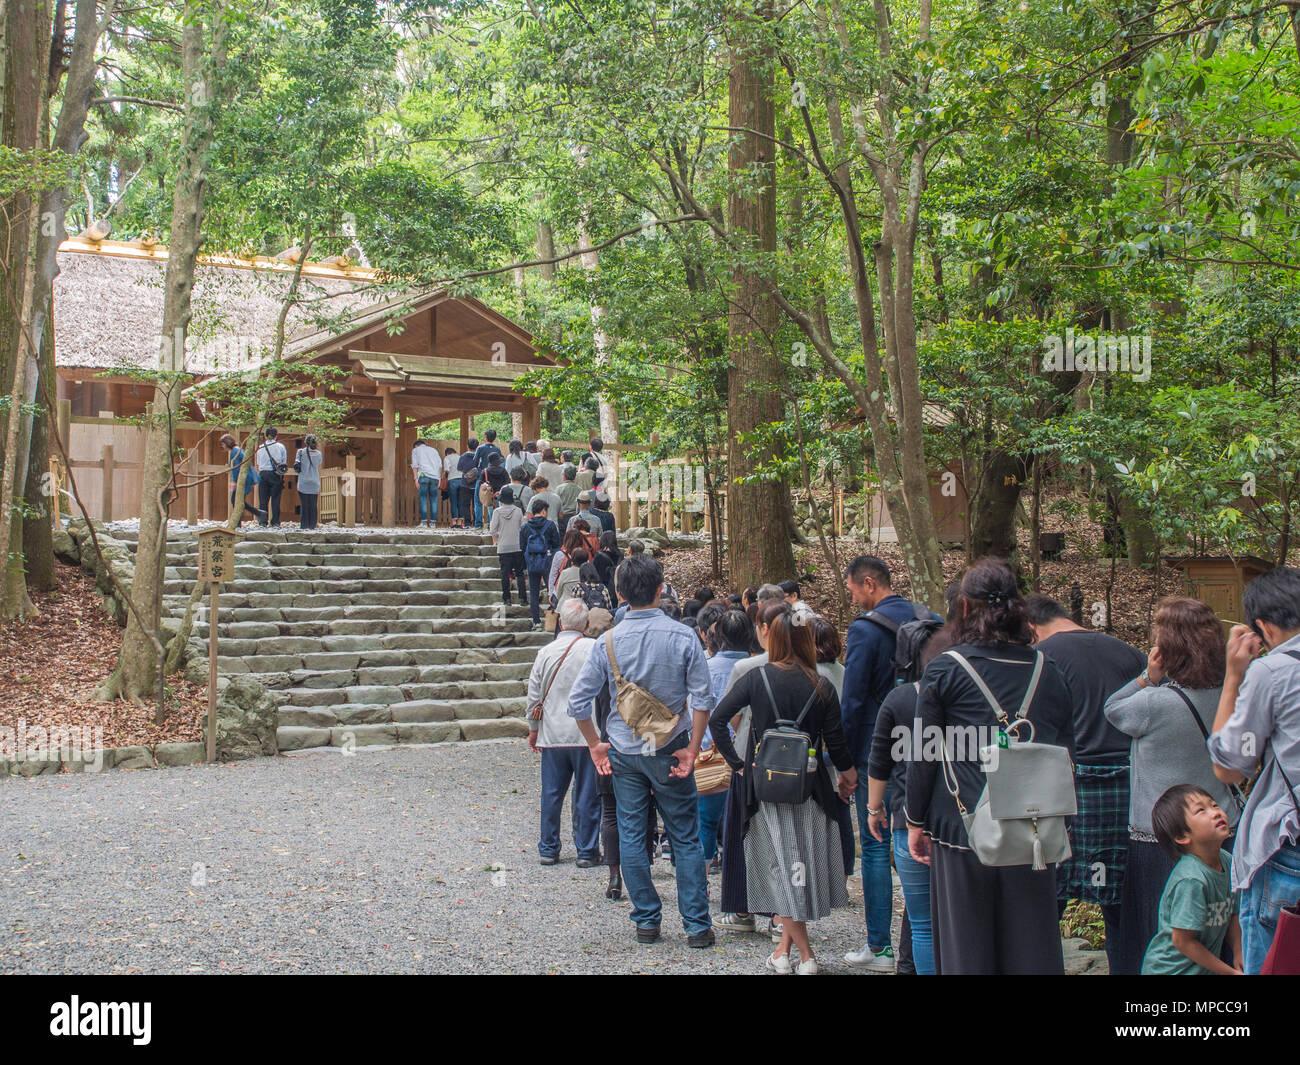 Visitors queue waiting to pray at Aramatsuri-no-miya shrine, Naiku, Ise Jingu, Mie, Japan - Stock Image